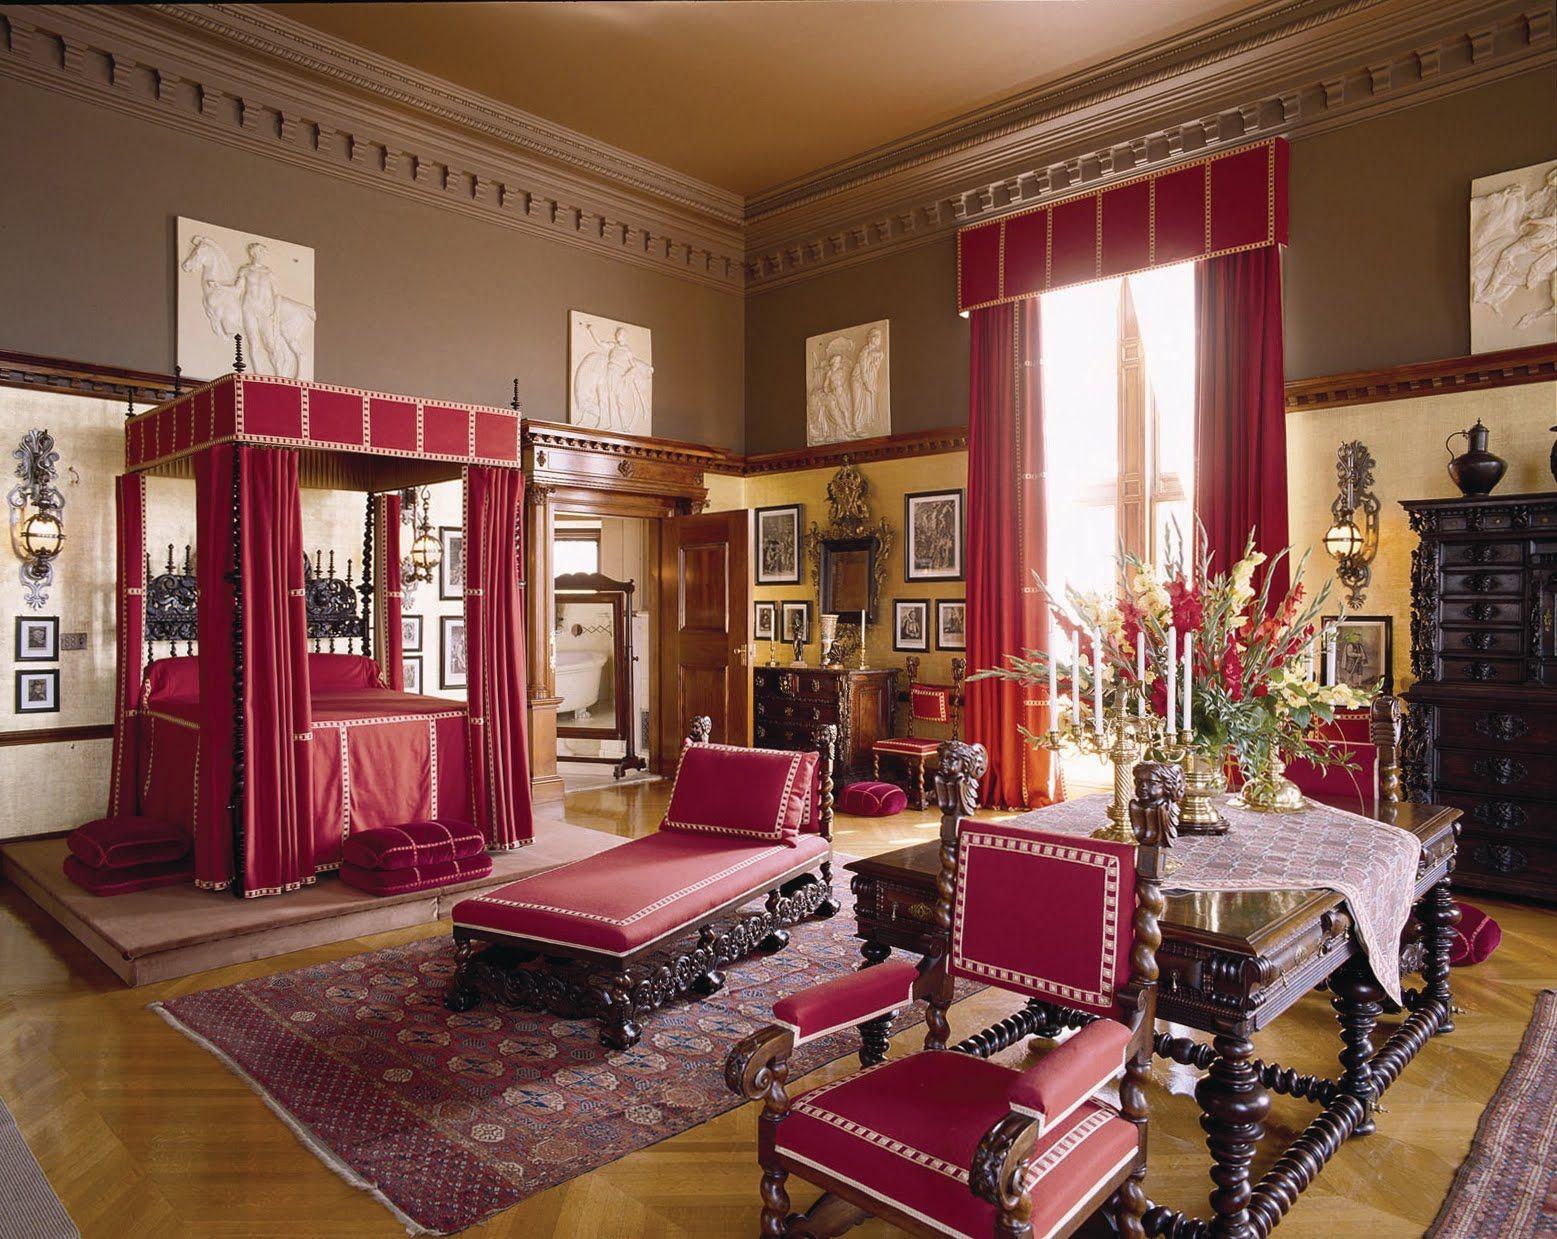 George Vanderbilt S Bedroom At Biltmore Estate In Asheville North Carolina Us Biltmore Estate Asheville Biltmore Estate Interior Biltmore House